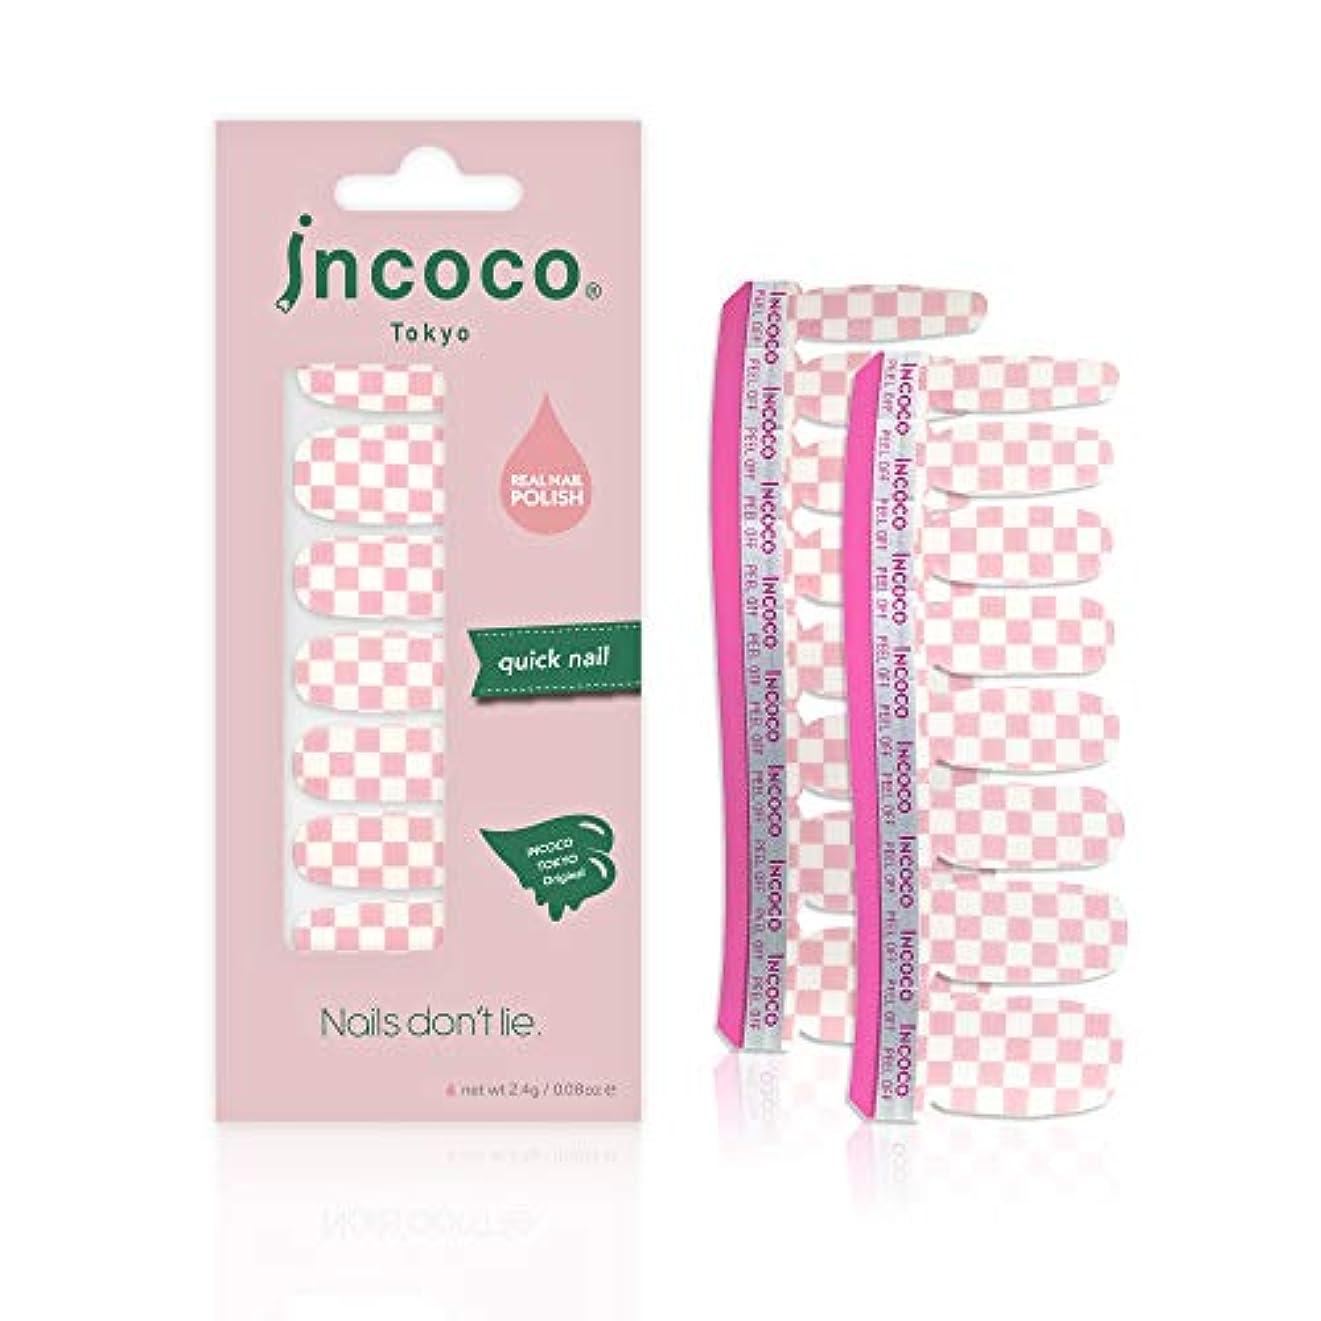 特殊重さ懲戒インココ トーキョー 「ピンク チェッカー」 (Pink Checker)